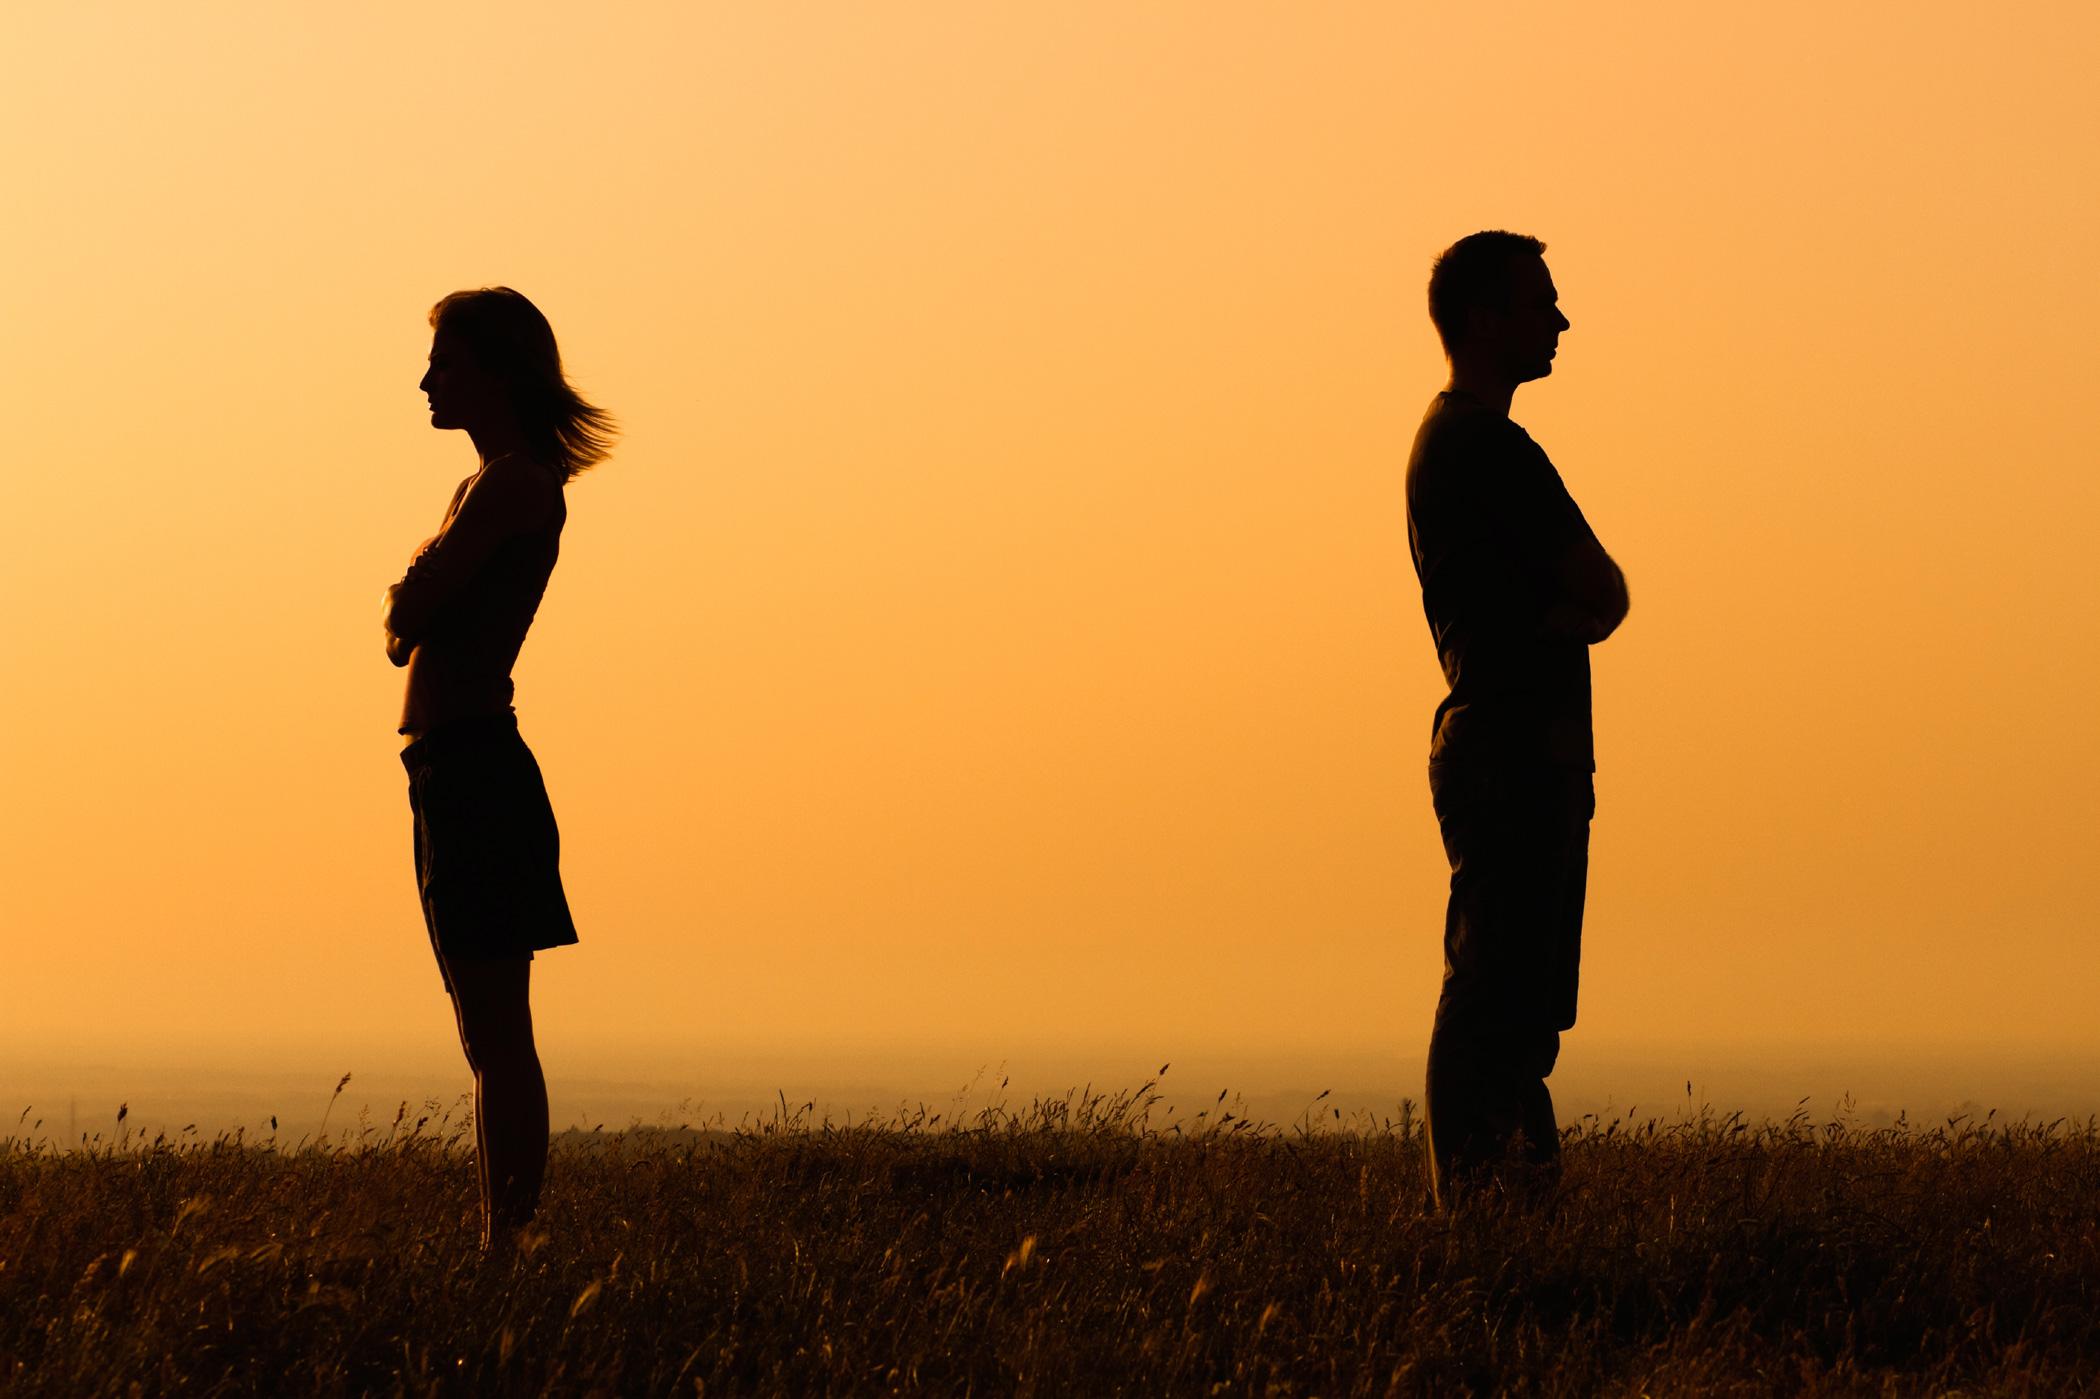 Отсутствие секса ведет ксерьезным проблемам— ученые